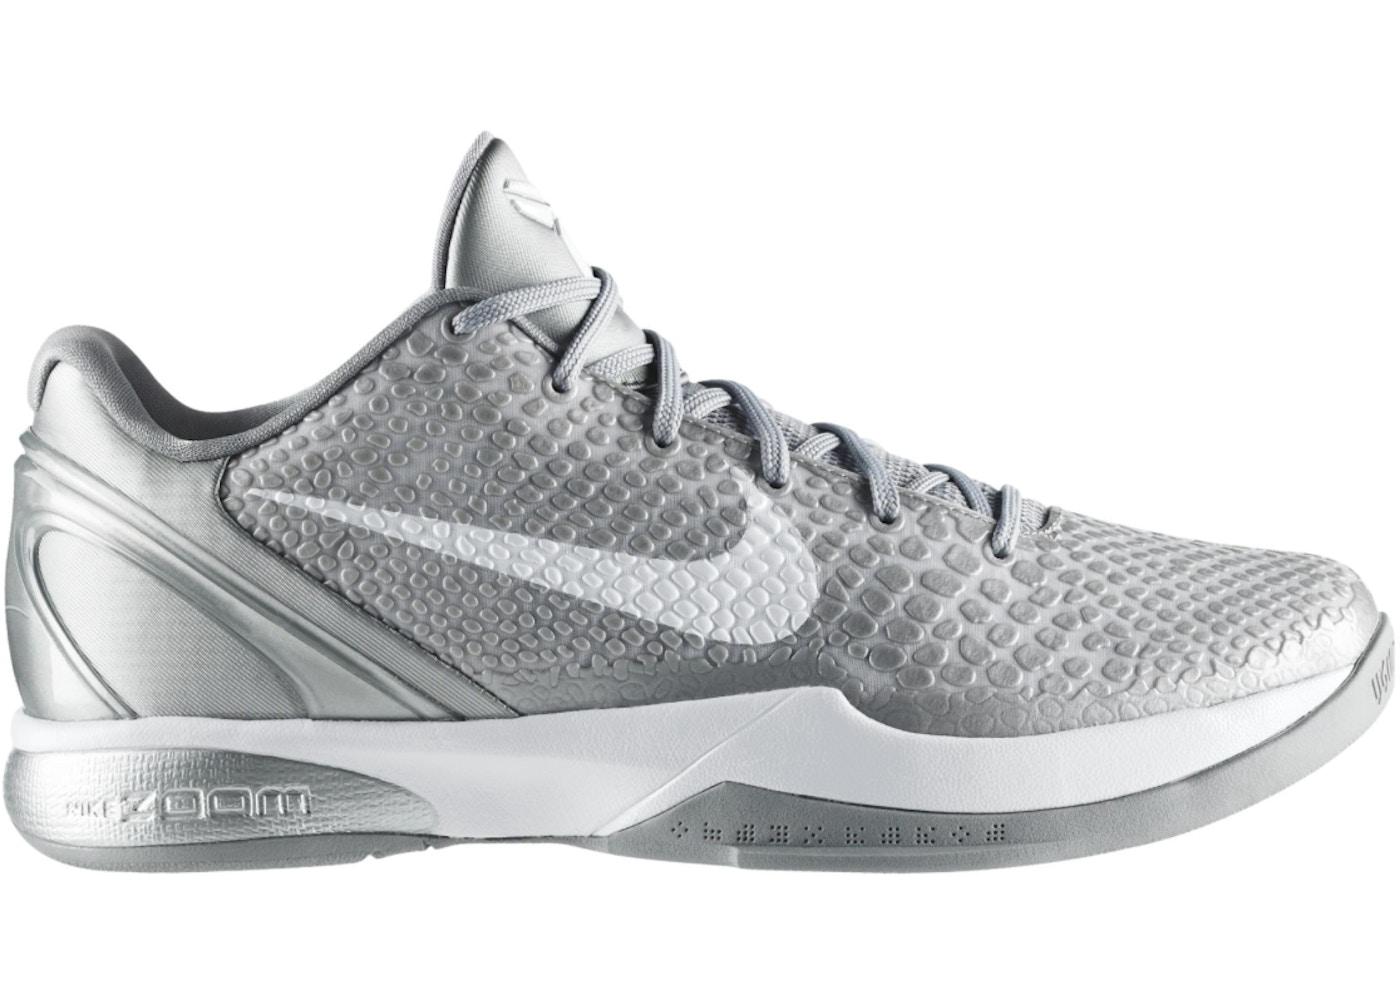 online store 17976 21a82 Buy Nike Kobe 6 Shoes  Deadstock Sneakers